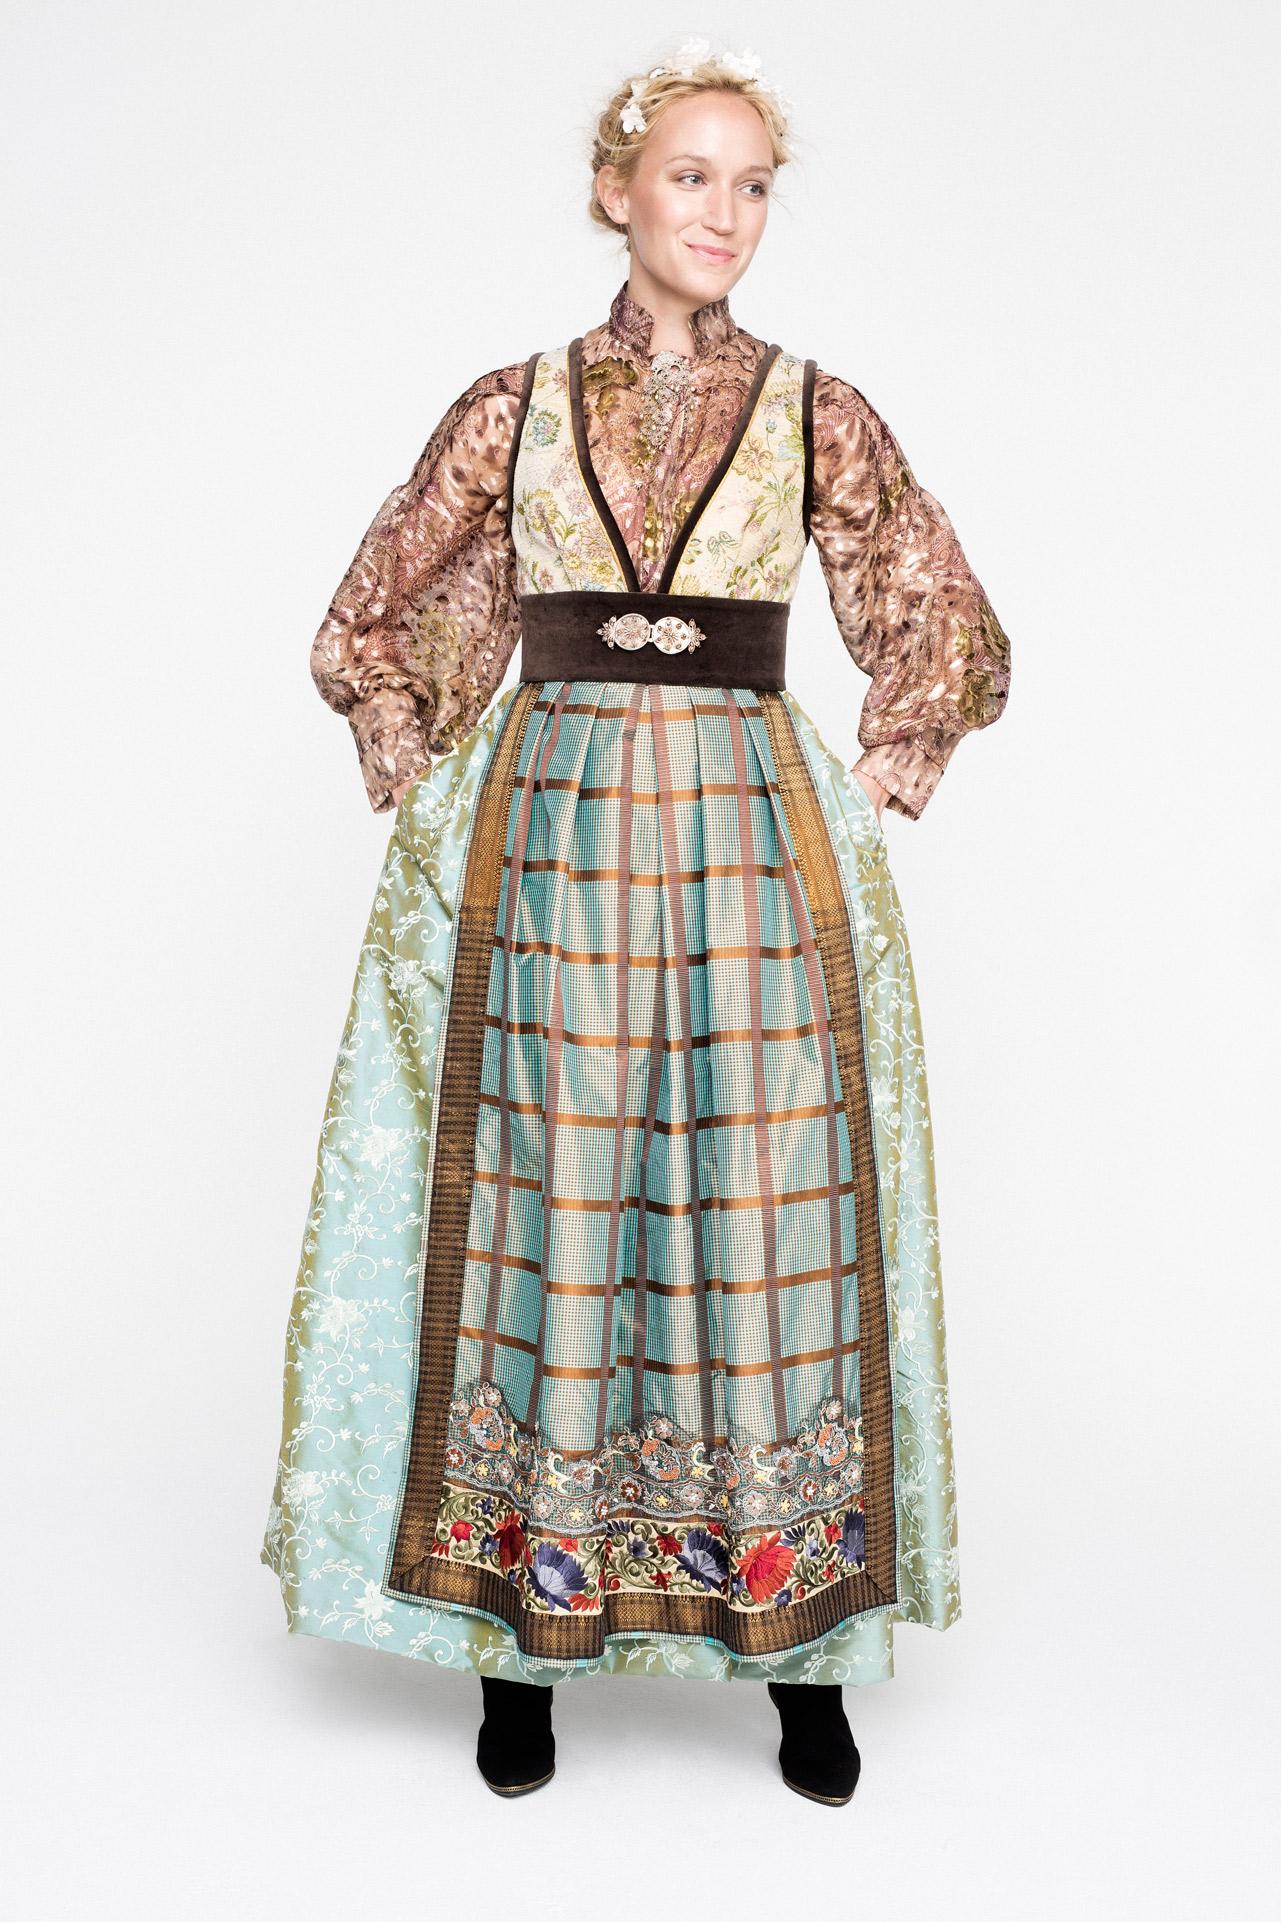 Fantasistakk Eva Lie Design 17489